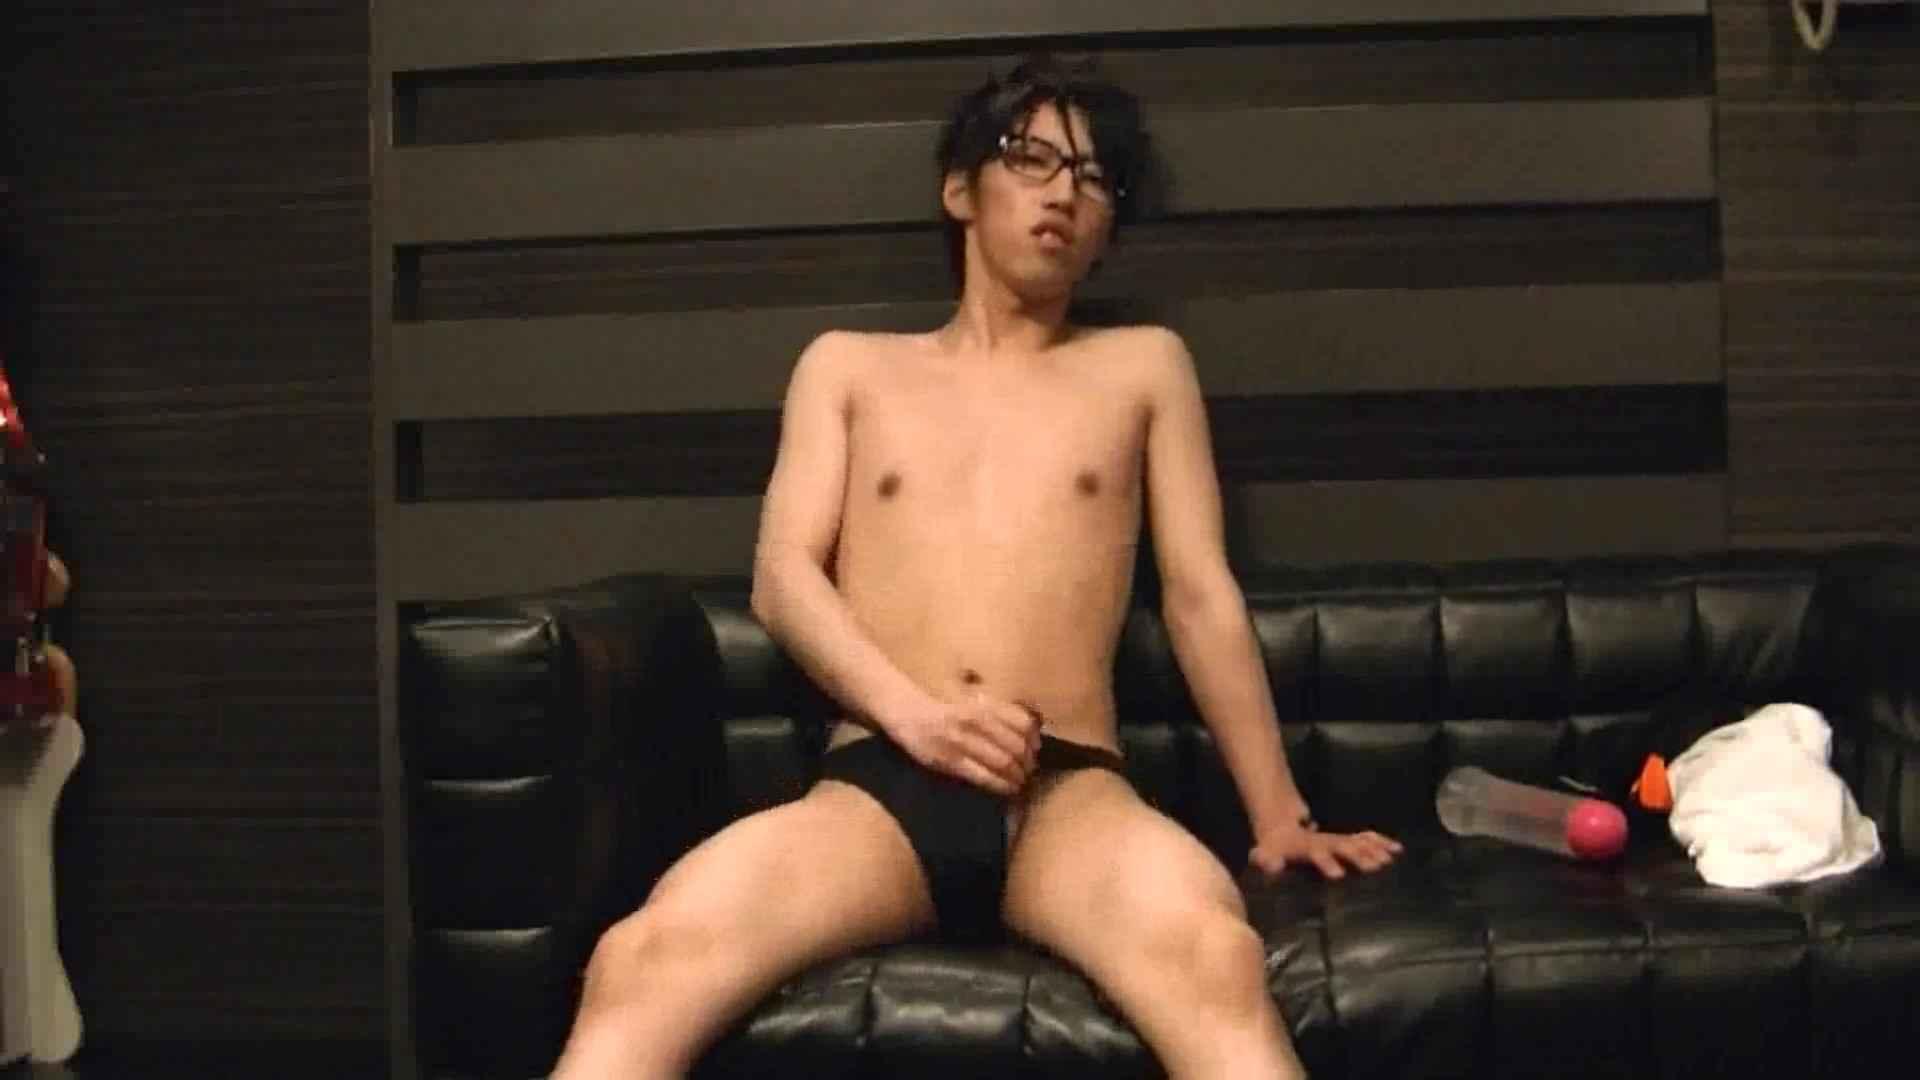 ONA見せカーニバル!! Vol3 男の世界  98画像 52